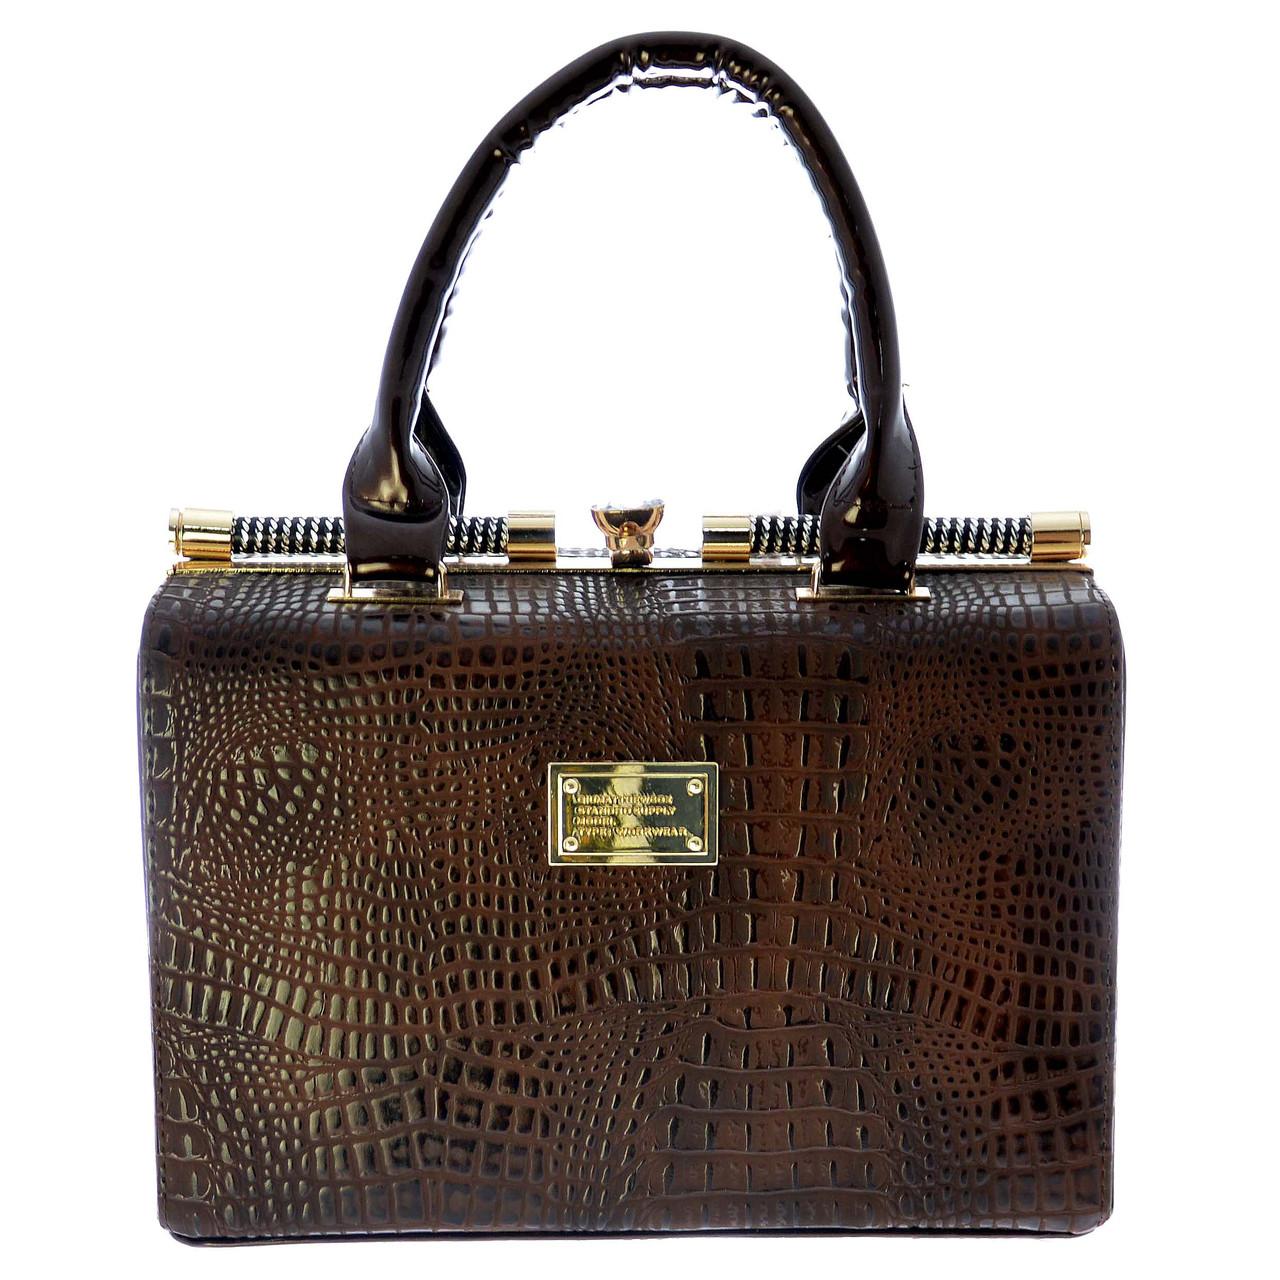 593a50432c08 Женская сумка саквояж 025-14, цена 615 грн., купить в Харькове ...